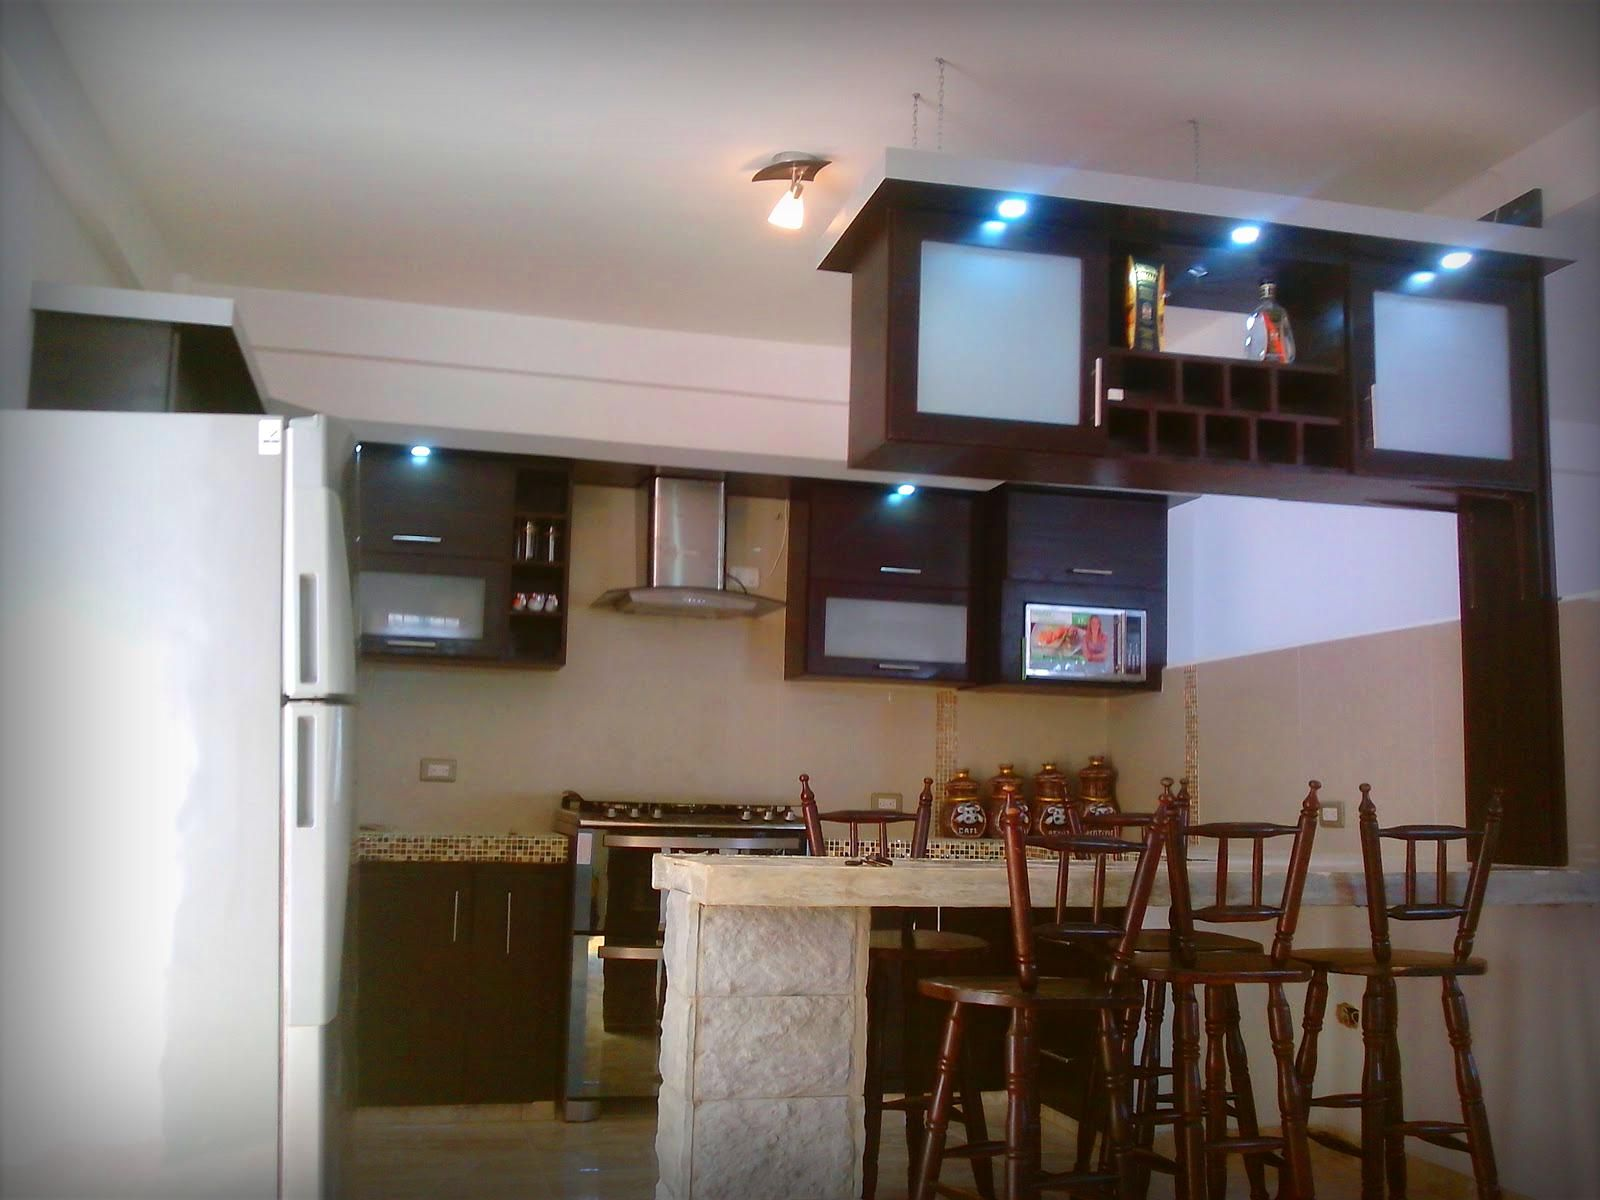 Muebles sencillos para hacer en casa obtenga ideas dise o de muebles para su hogar aqu - Cocina para bar ...